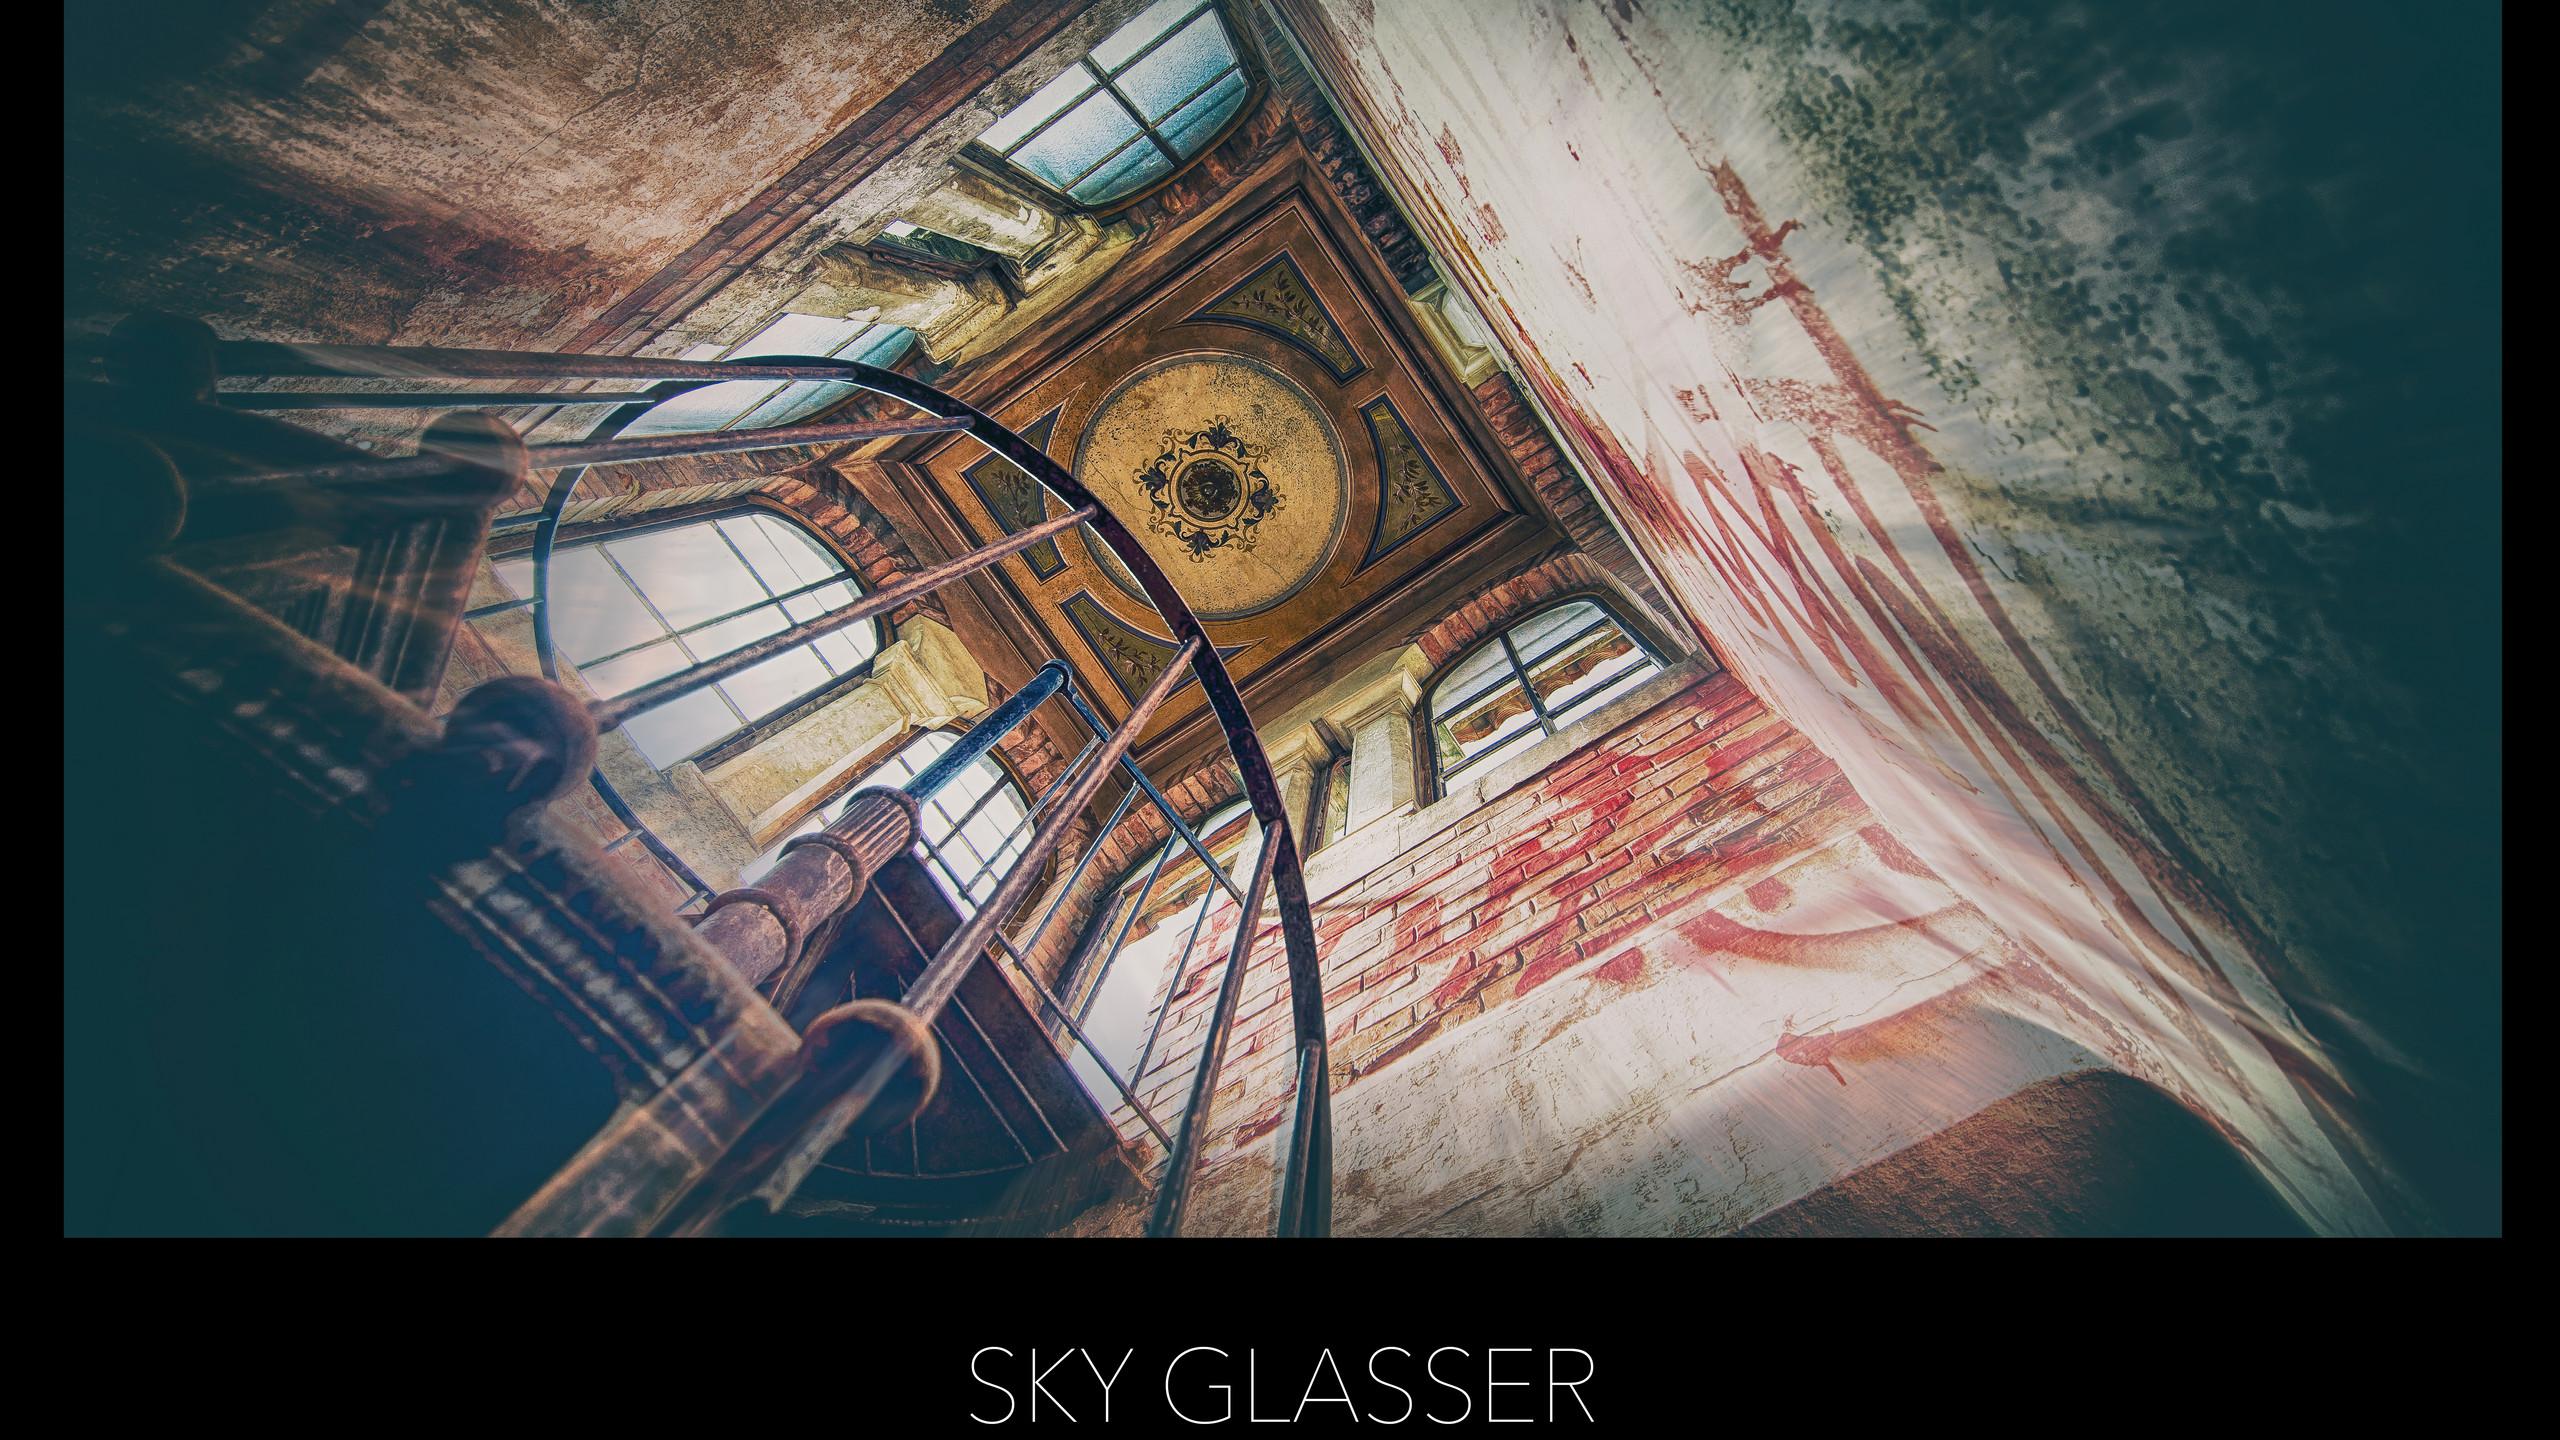 POSTER SKY GLASSER